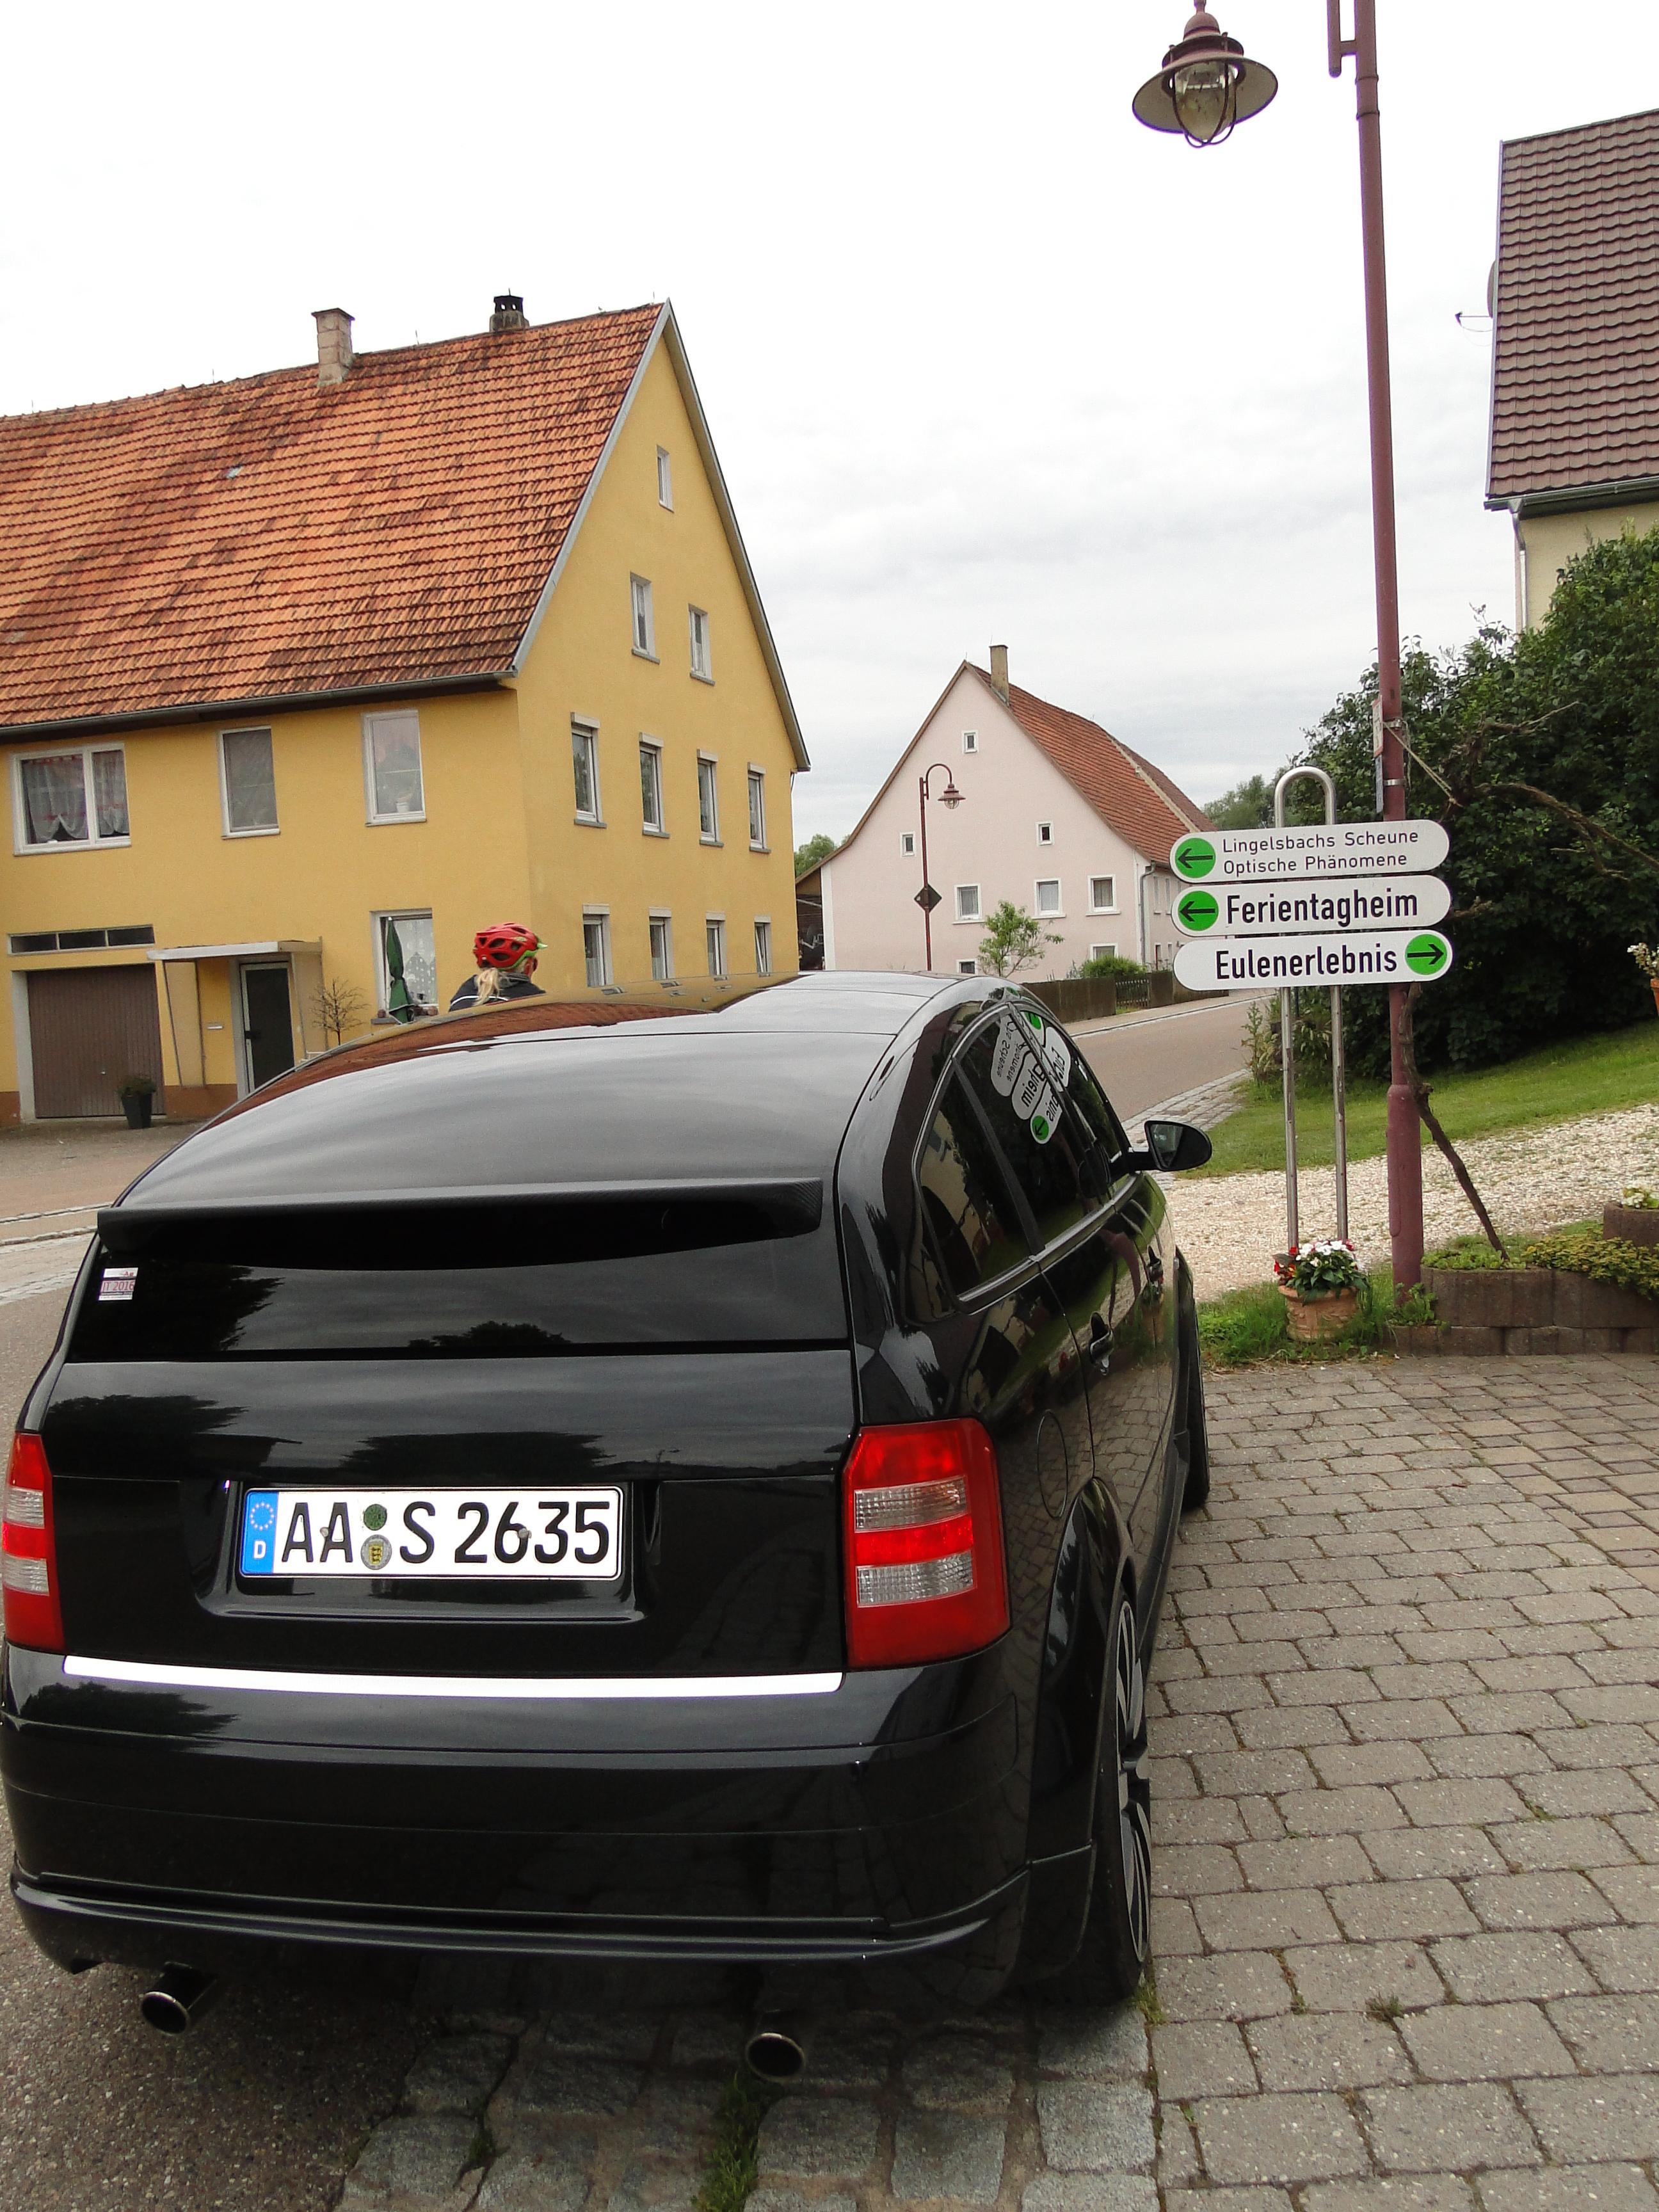 Lingelbachs-Scheune-Audi-A2